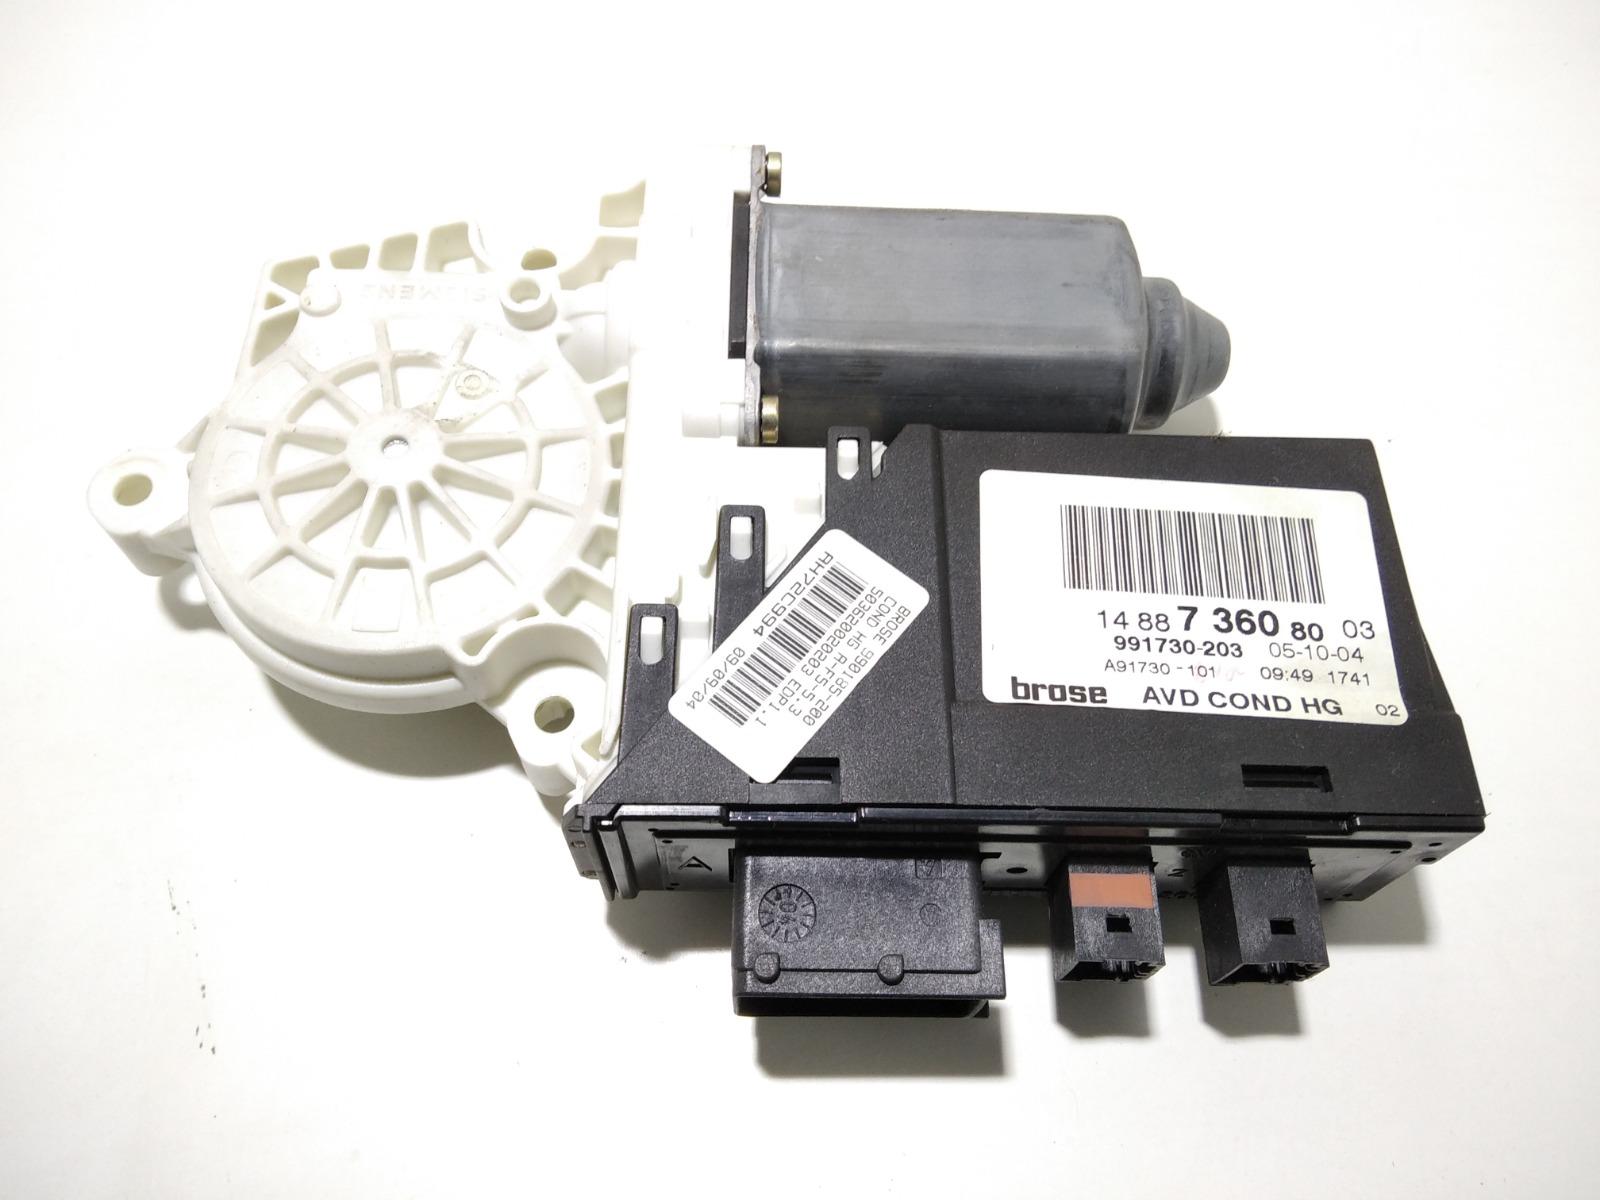 Моторчик стеклоподъемника передний правый Fiat Ulysse 2.0 I 2004 (б/у)